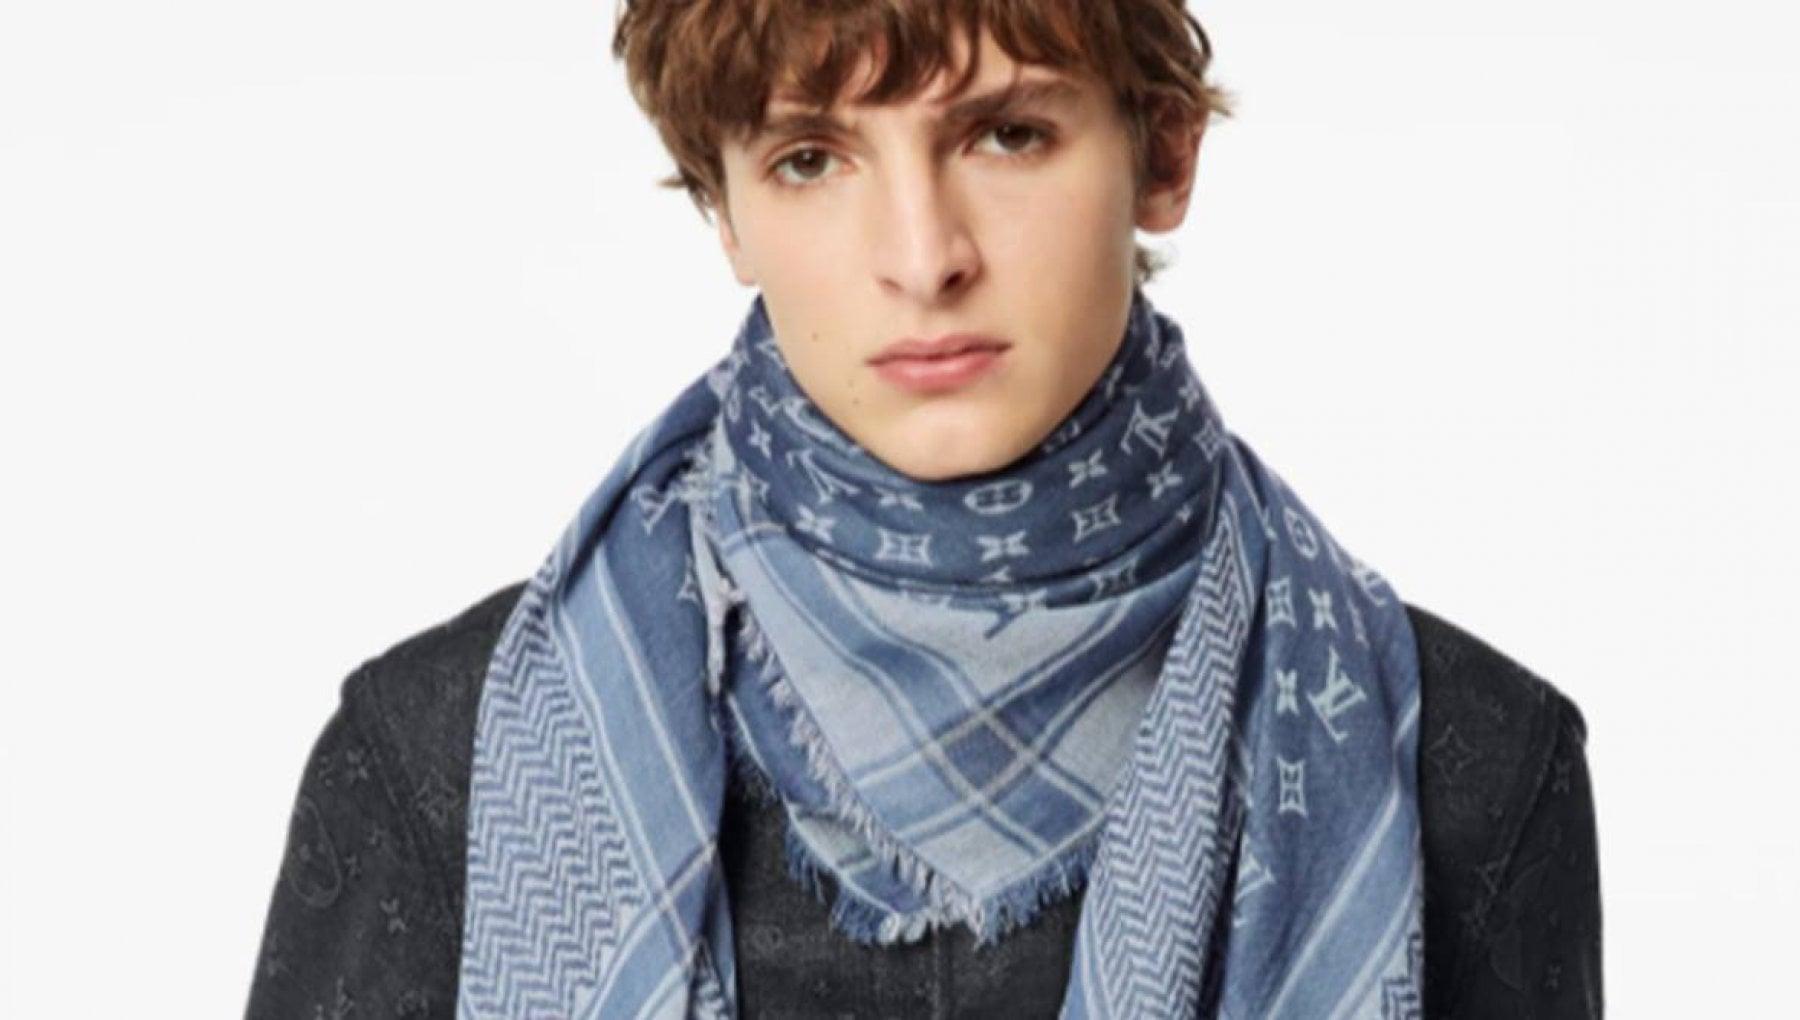 120556800 5d38f2d9 681c 4090 9f13 7253c8dfc106 - Troppe critiche online, Vuitton ritira la kefiah bianca e azzurra da quasi 600 euro